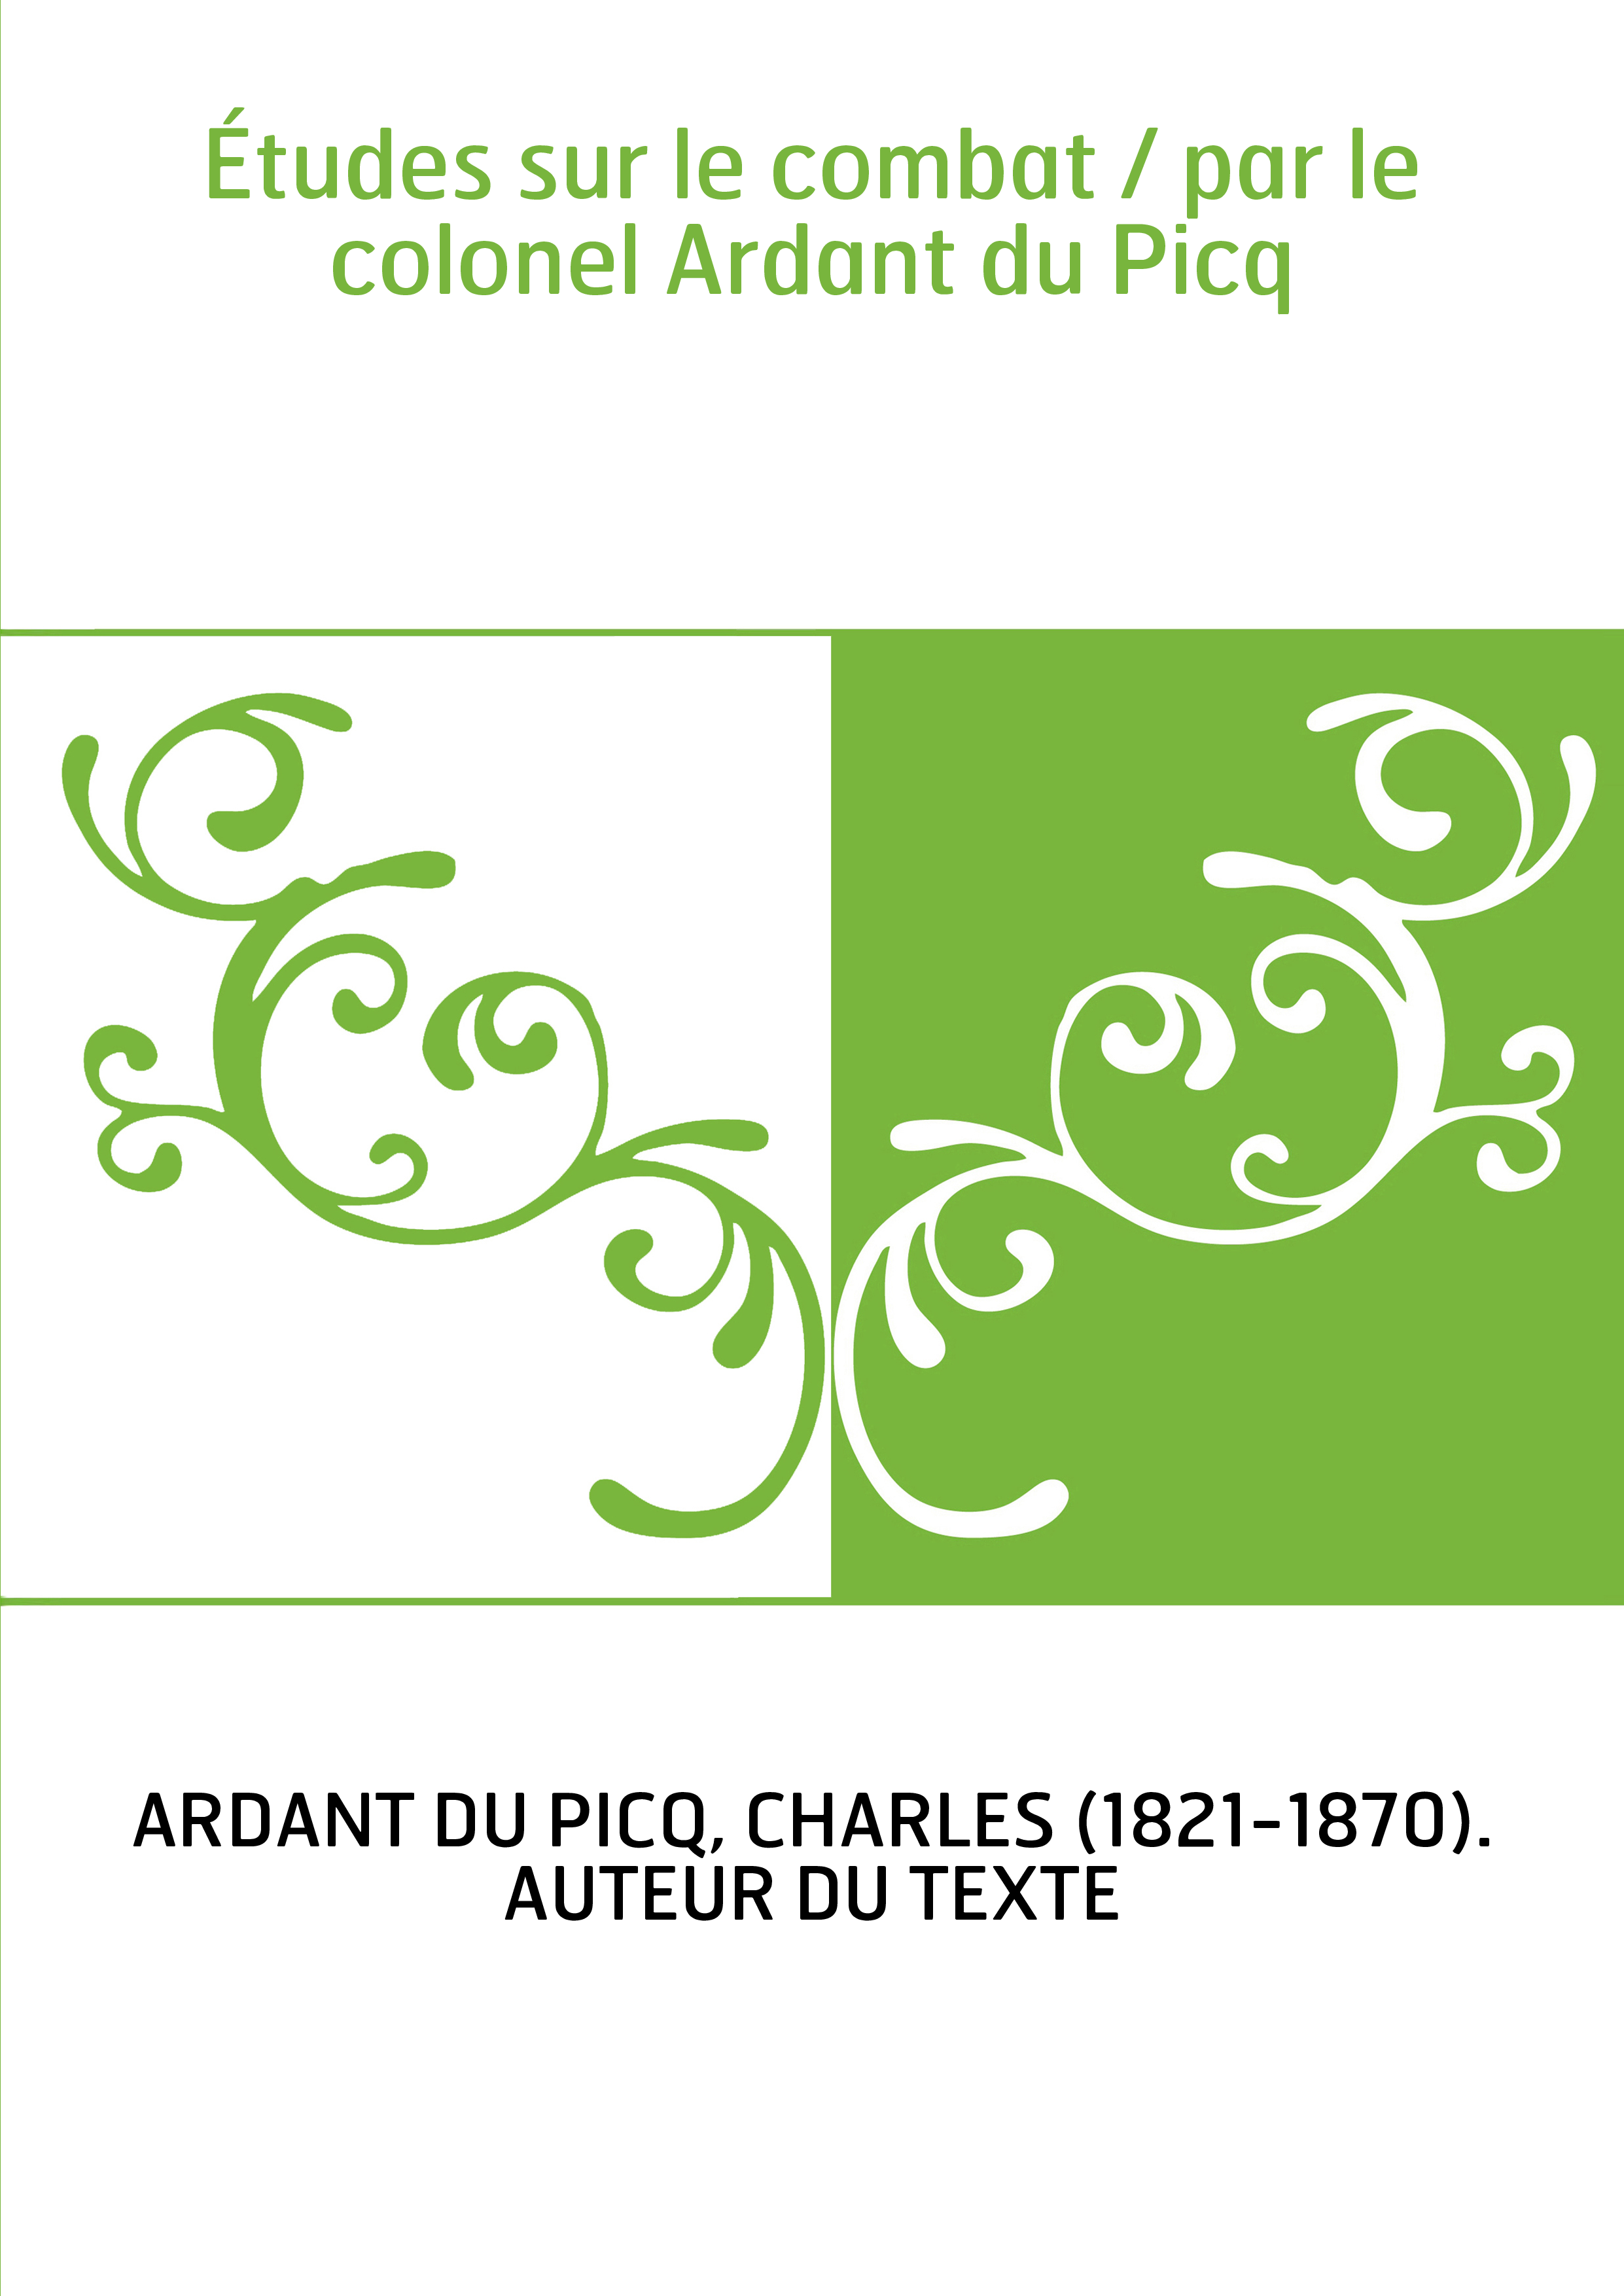 Études sur le combat / par le colonel Ardant du Picq